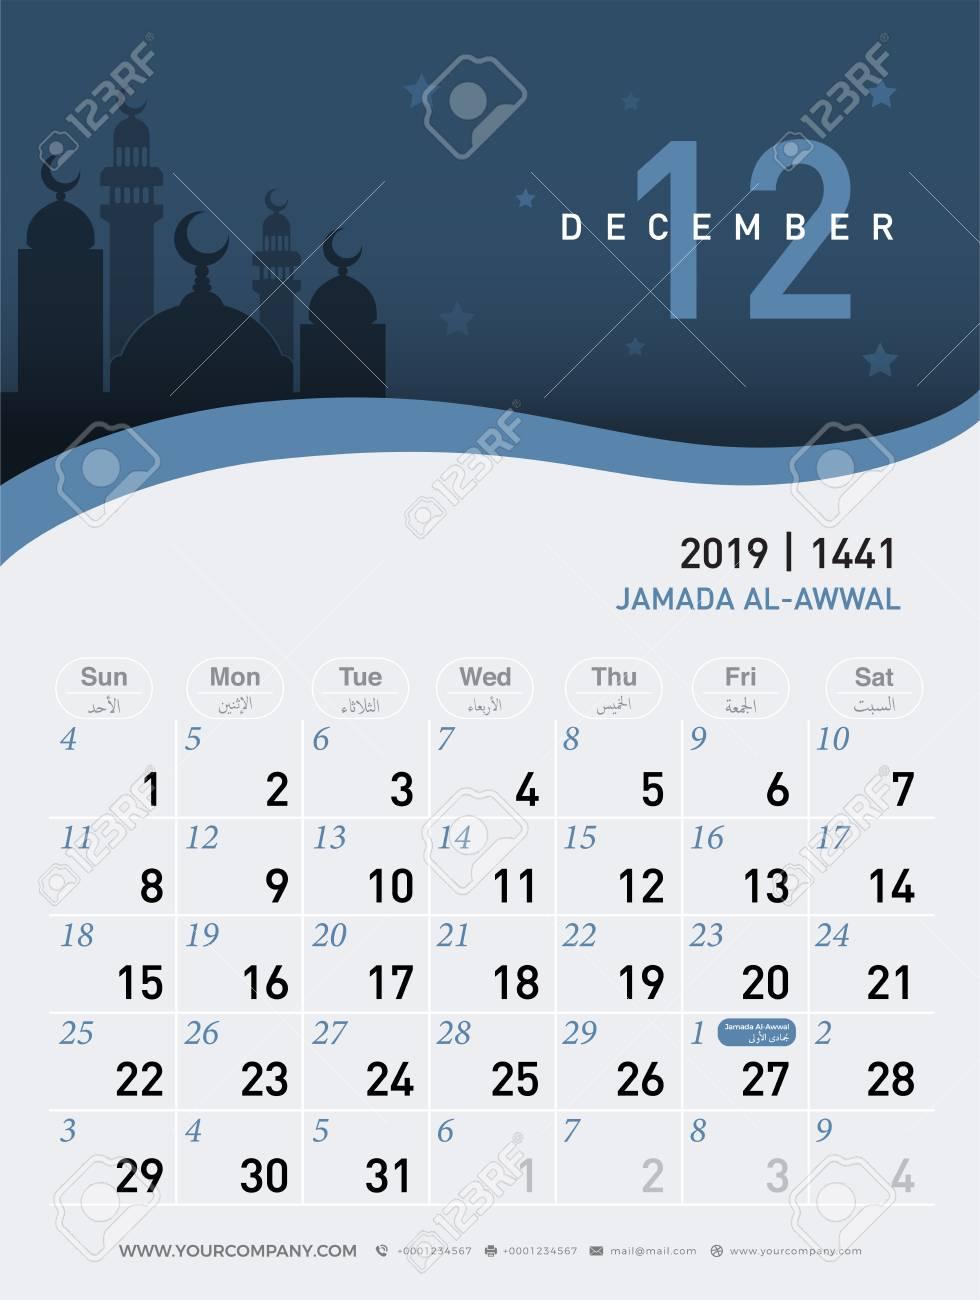 December 2019 Islamic Calendar 12 December Calendar 2019. Hijri 1440 To 1441 Islamic Design